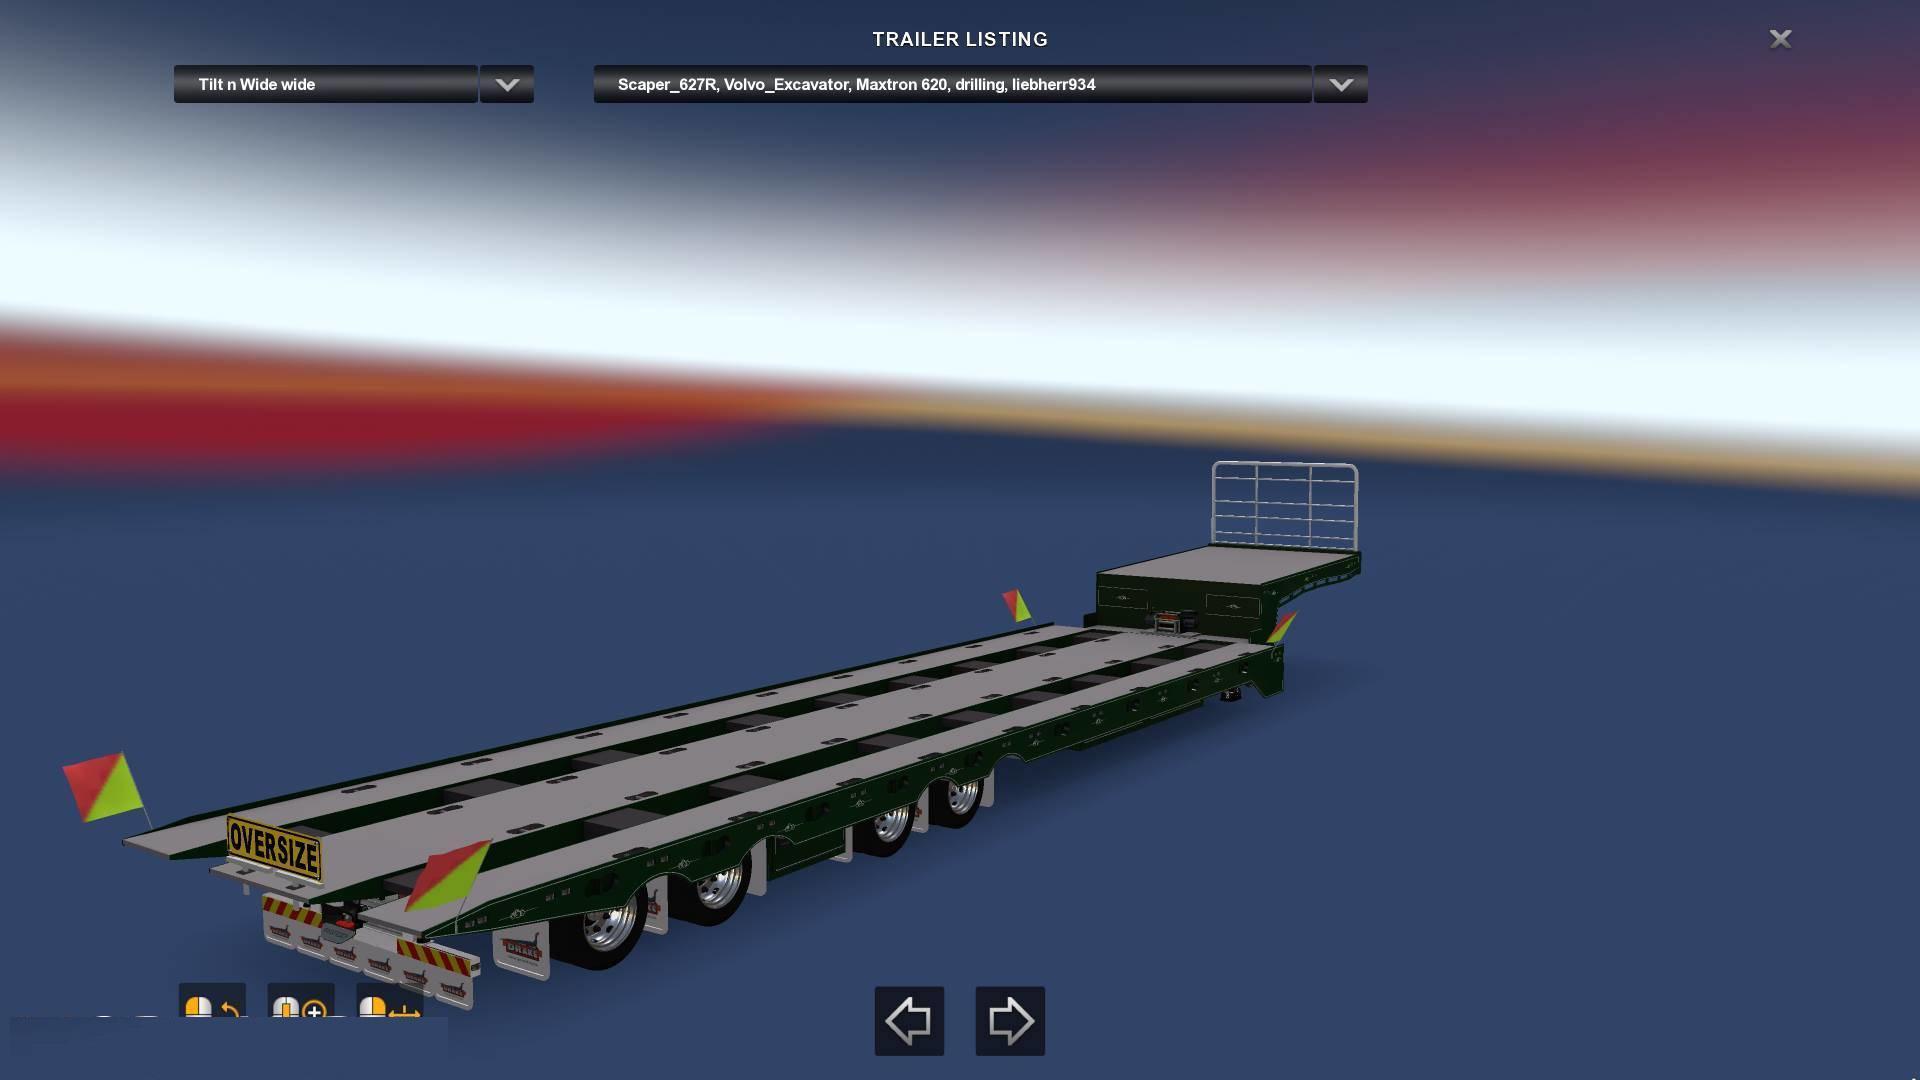 TSA TILT AND SLIDE DRAKE TRAILER 1 34 X » GamesMods net - FS19, FS17